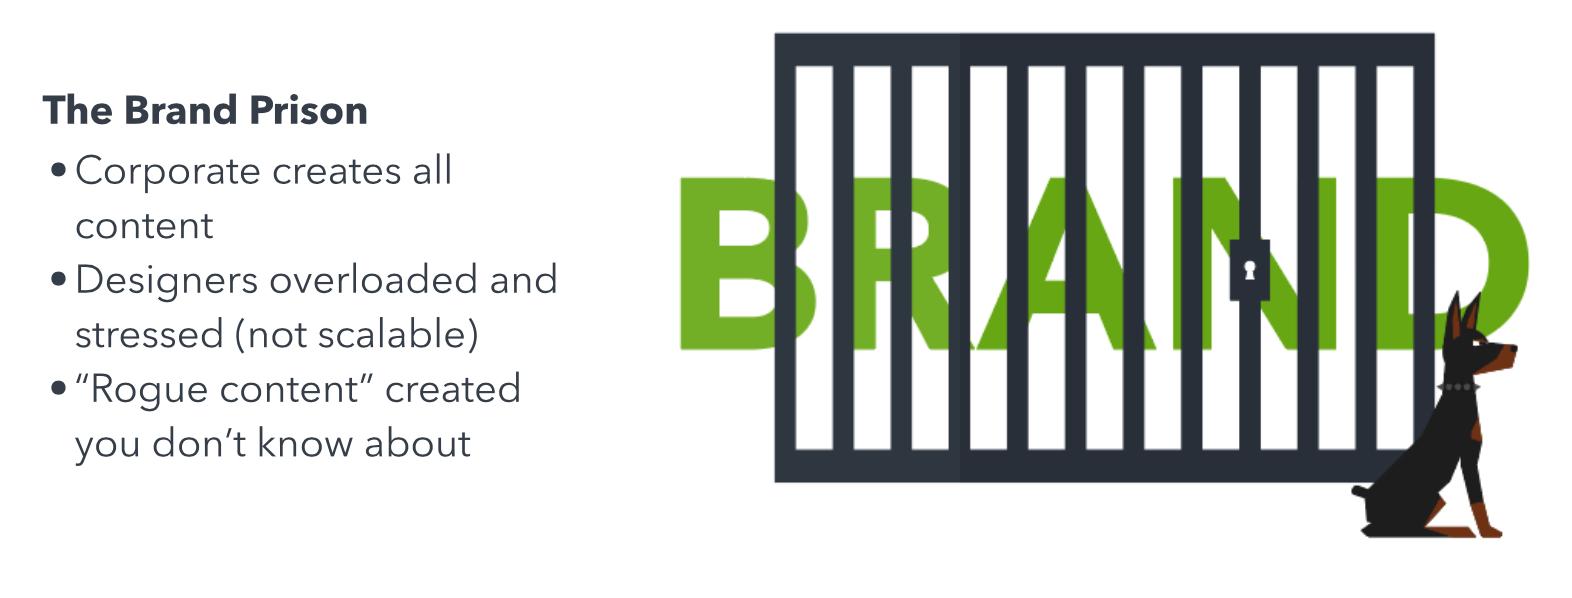 brand prison